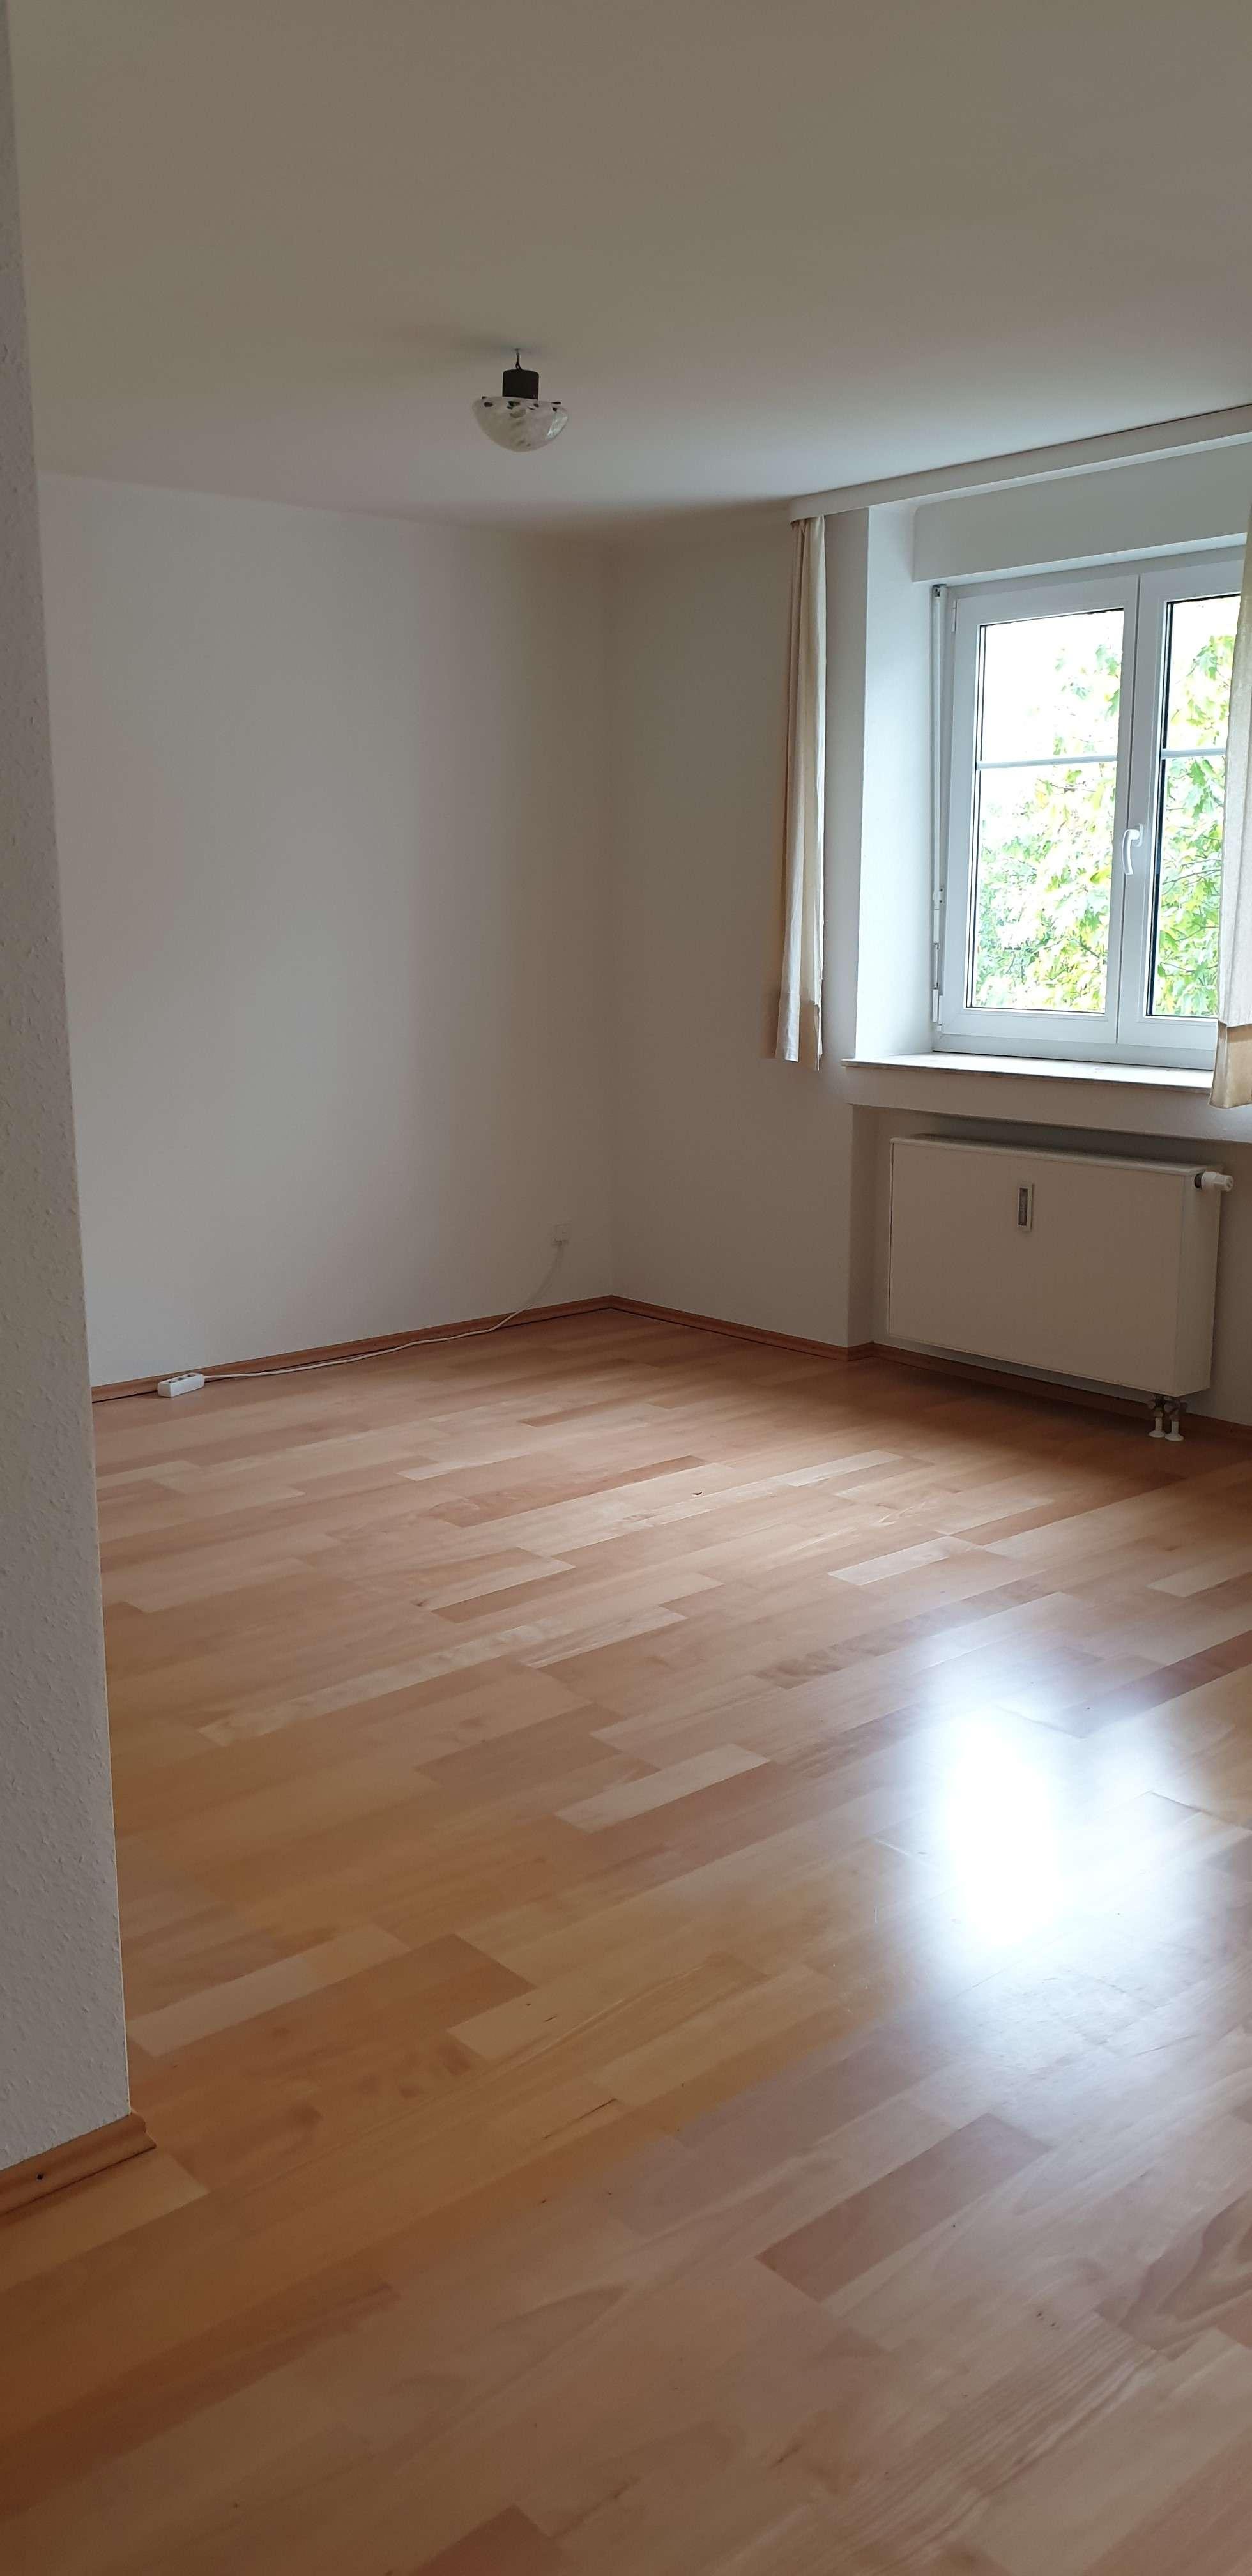 Katharinenanger - Entspannt wohnen! Großzügige und helle 4-Zimmer-Wohnung in Landsberg am Lech